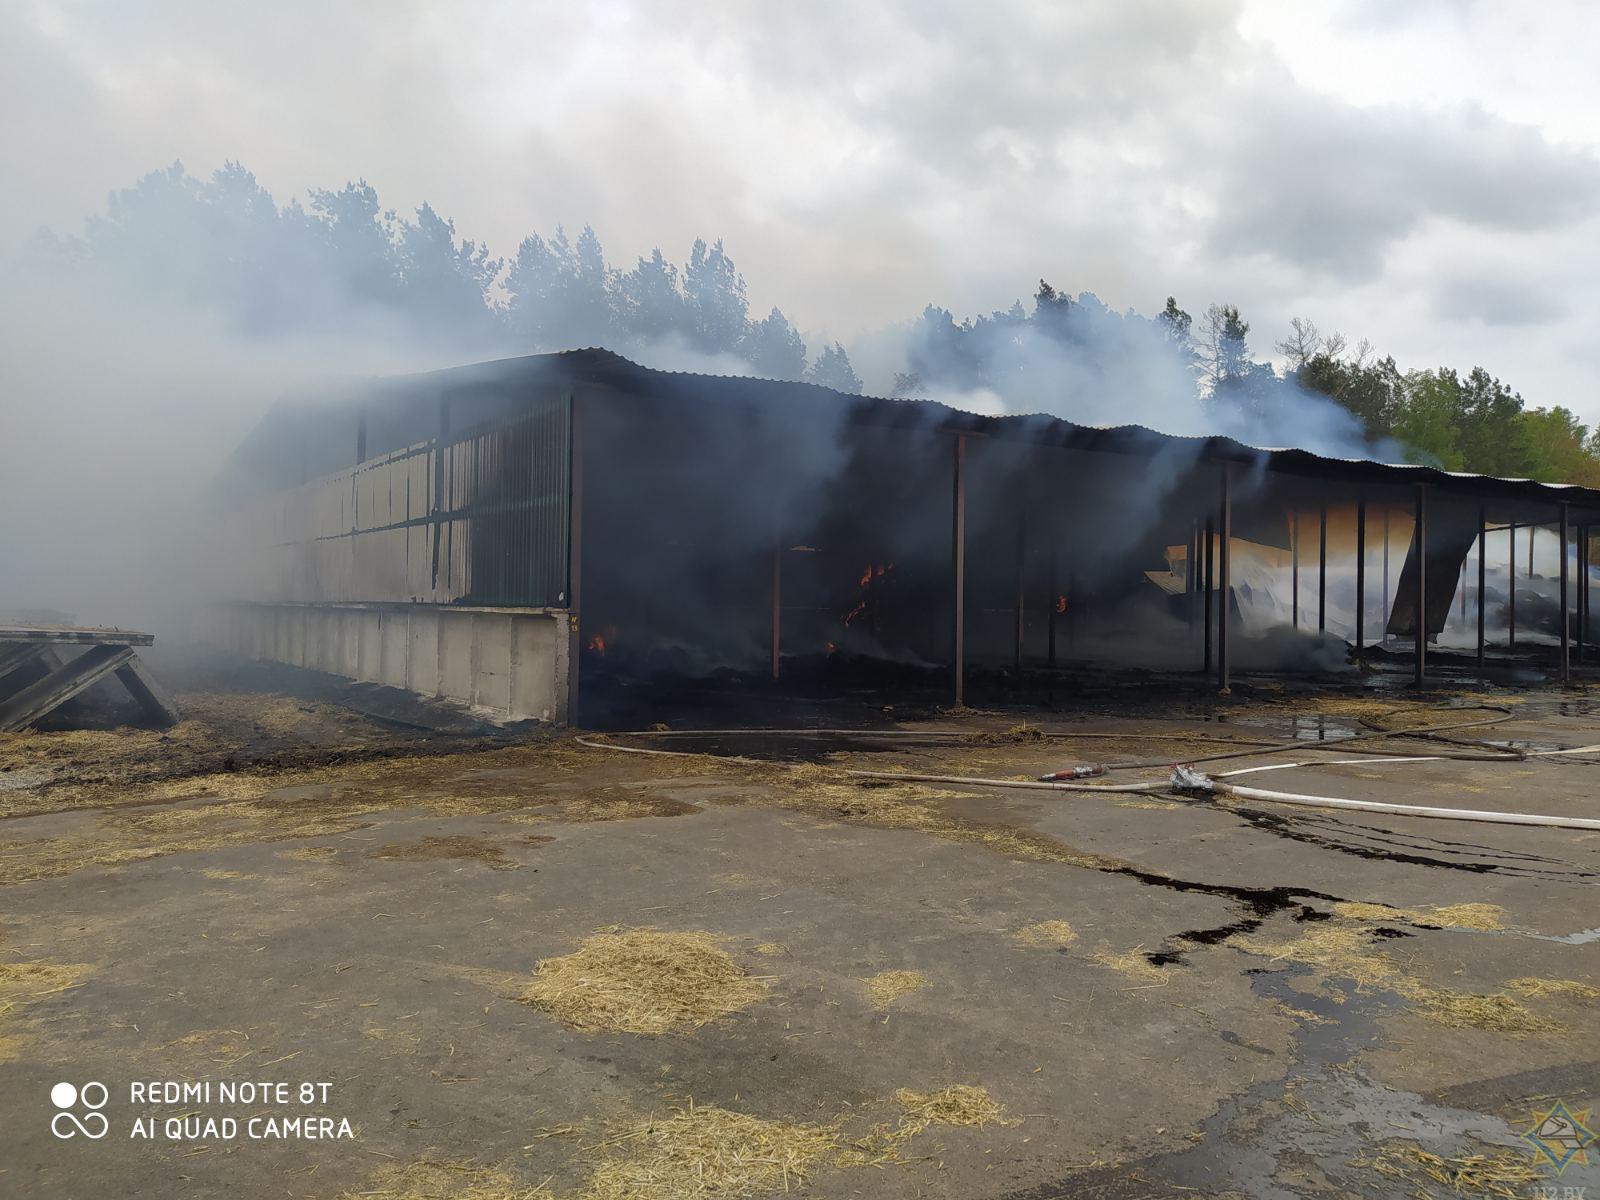 В деревне Большой Павлополь (это Малоритский район, если что) горел сеносклад